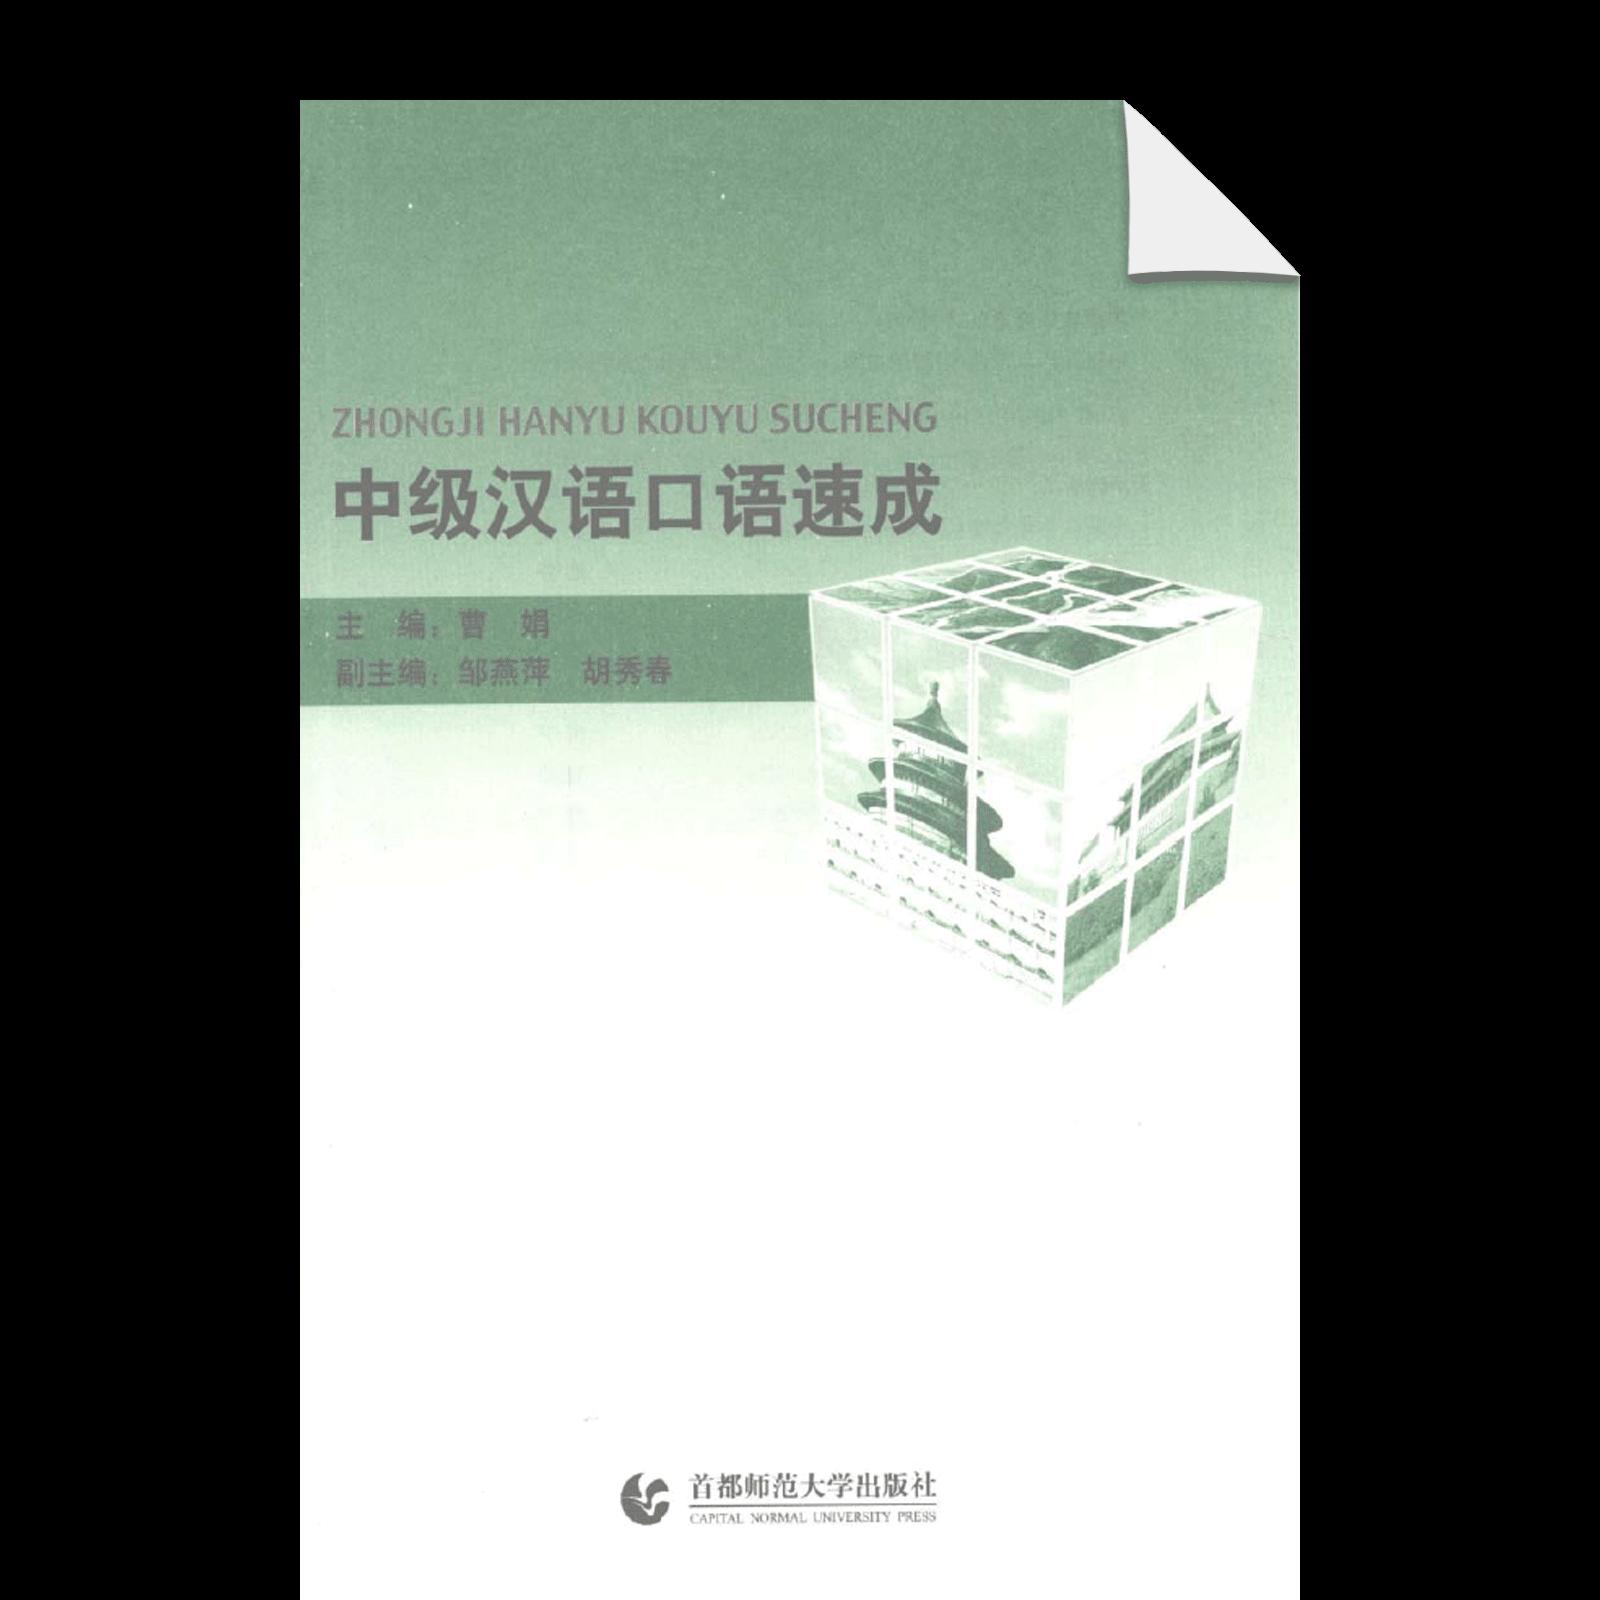 Zhongji Hanyu Kouyu Sucheng